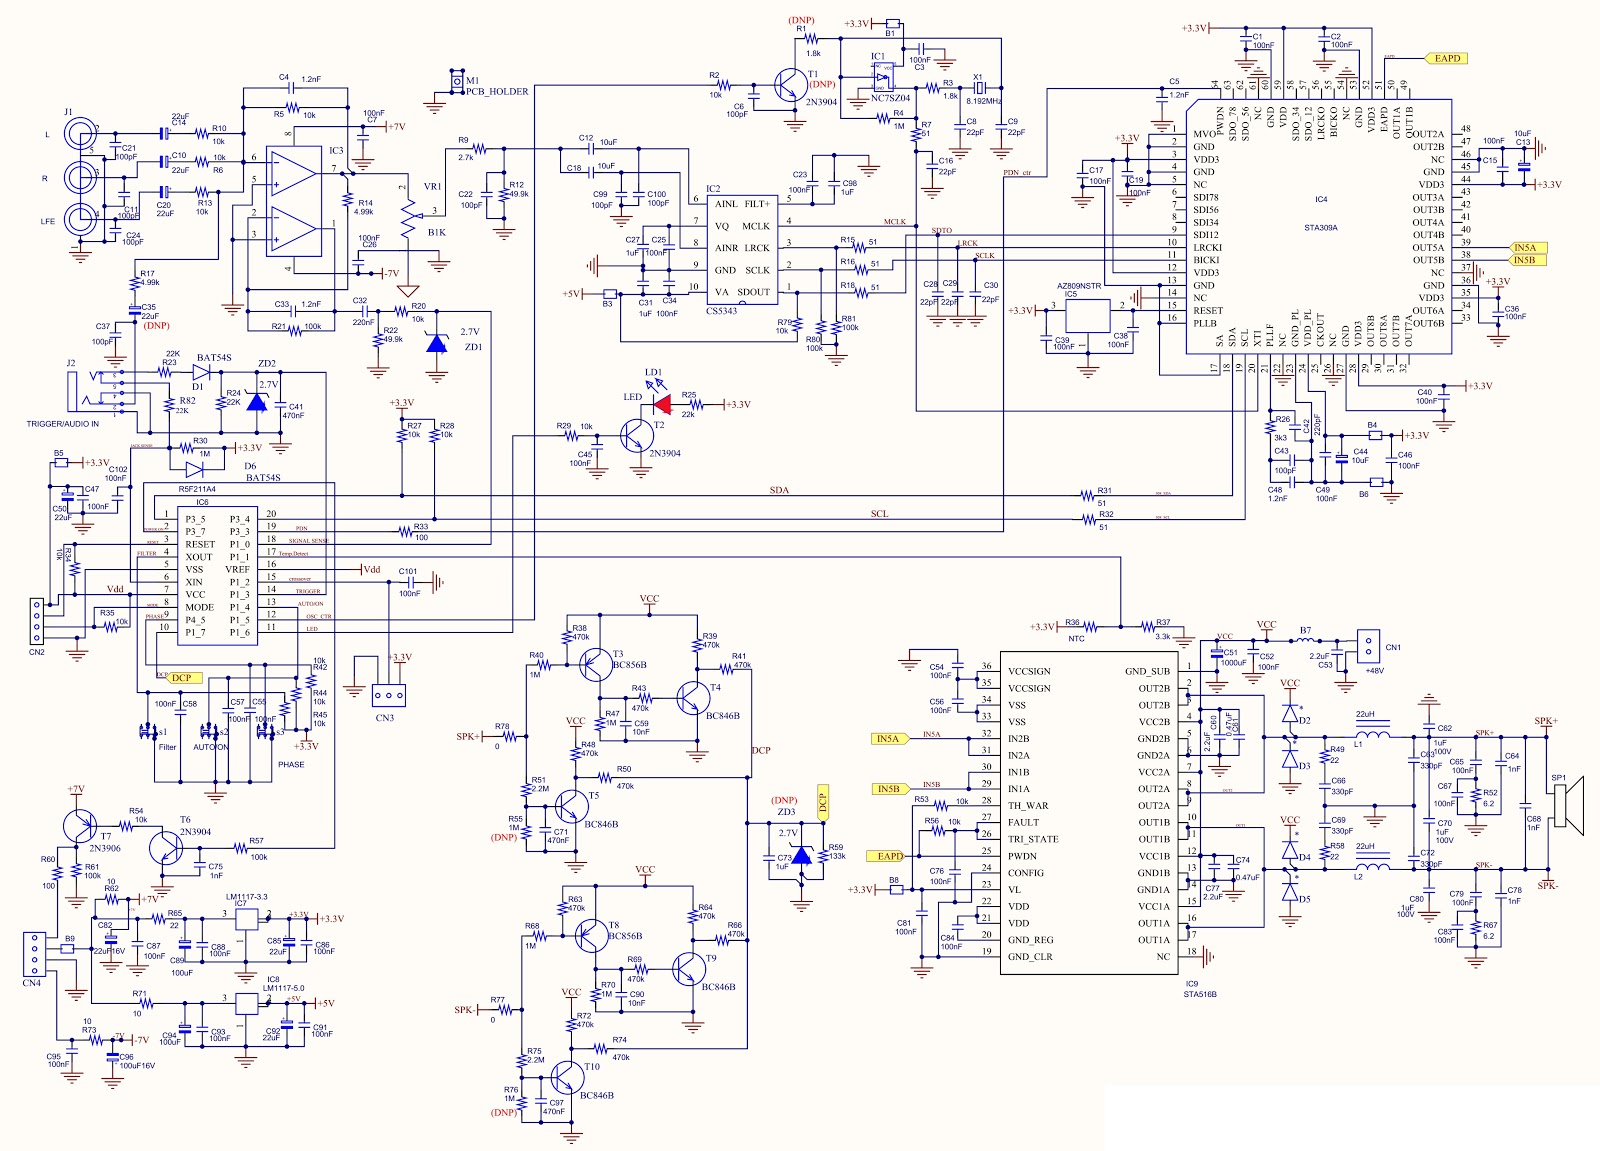 Harman Wiring Diagram on panasonic wiring diagrams, audiovox wiring diagrams, lg wiring diagrams, apc wiring diagrams, kenwood wiring diagrams, westinghouse wiring diagrams, yamaha wiring diagrams, celestion wiring diagrams, m-audio wiring diagrams, subwoofer wiring diagrams, kicker wiring diagrams, samsung wiring diagrams, sony wiring diagrams, vizio wiring diagrams, heathkit wiring diagrams, ge wiring diagrams, bose wiring diagrams, klipsch speakers wiring diagrams, nec wiring diagrams, mitsubishi wiring diagrams,